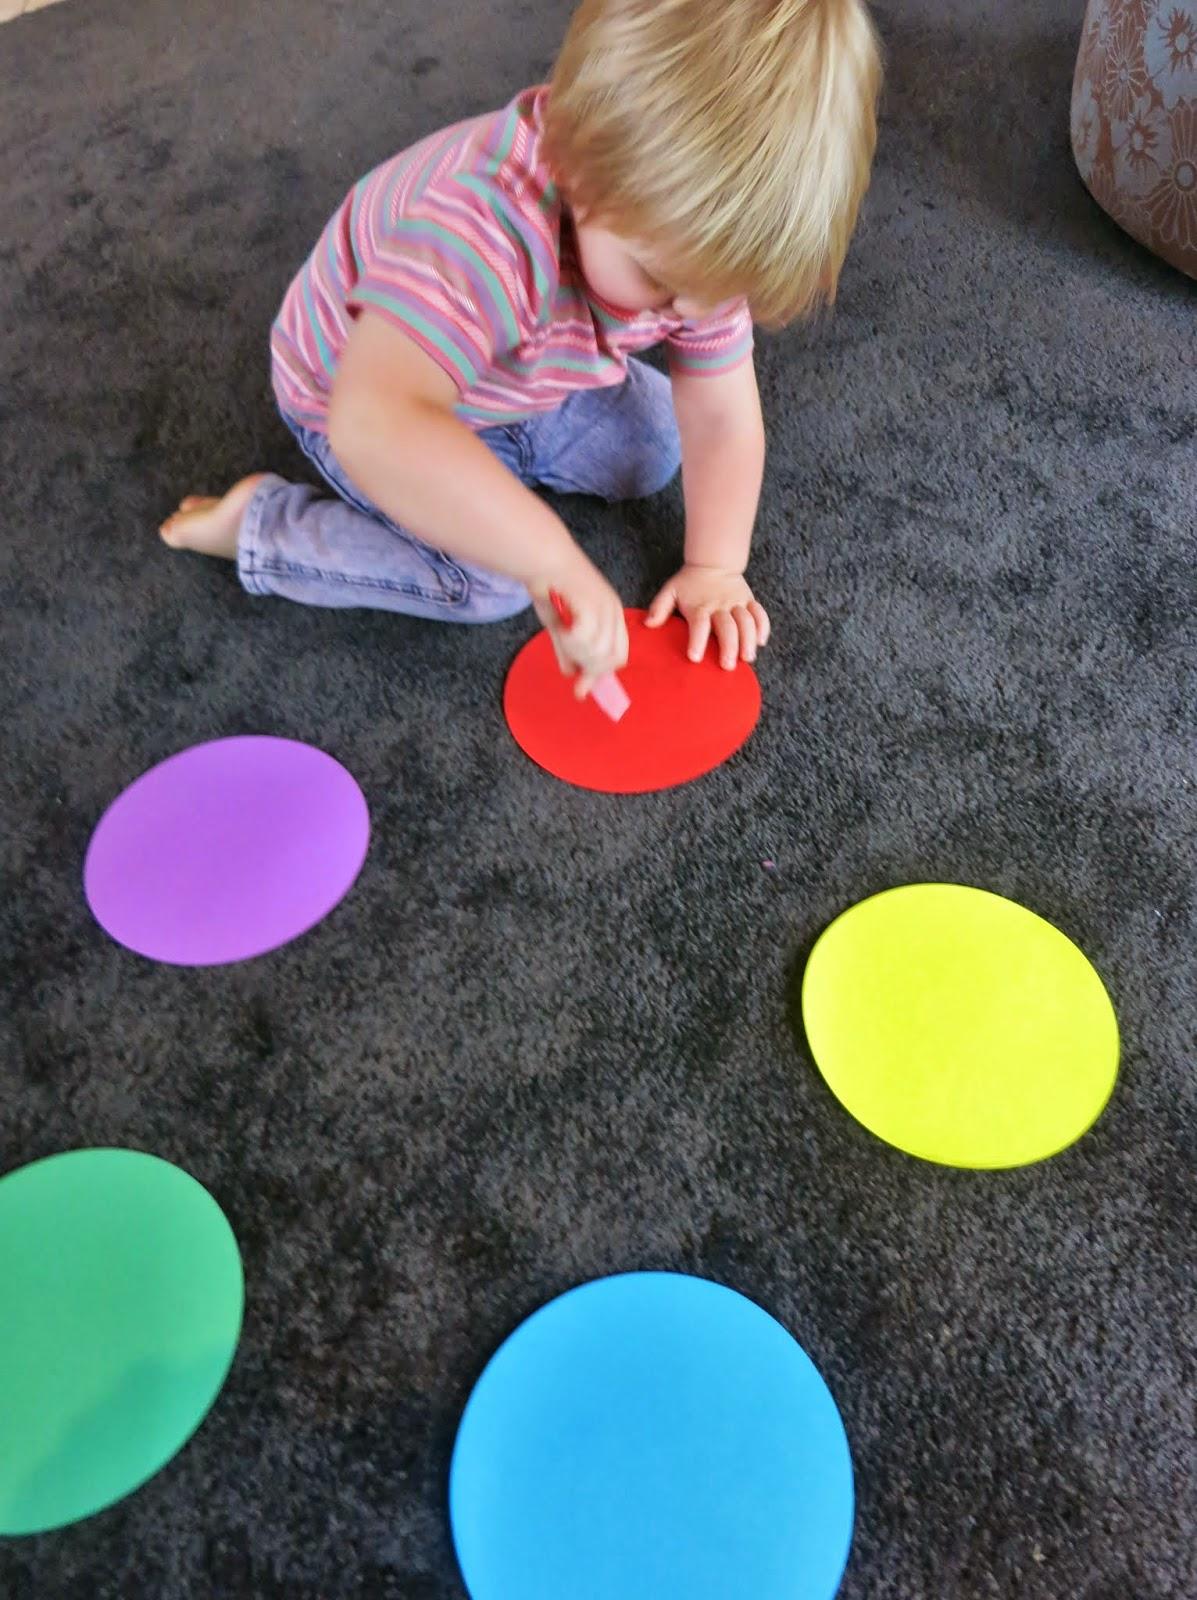 çocuklar Için Eğitici Etkinlik Renk Kavramını Ve Kaba Motor